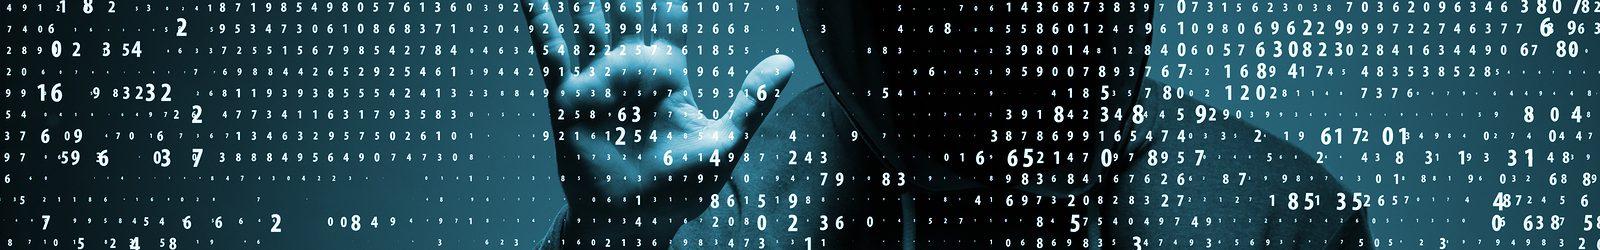 19 vulnerabilità importanti per il mondo IoT: è Ripple20